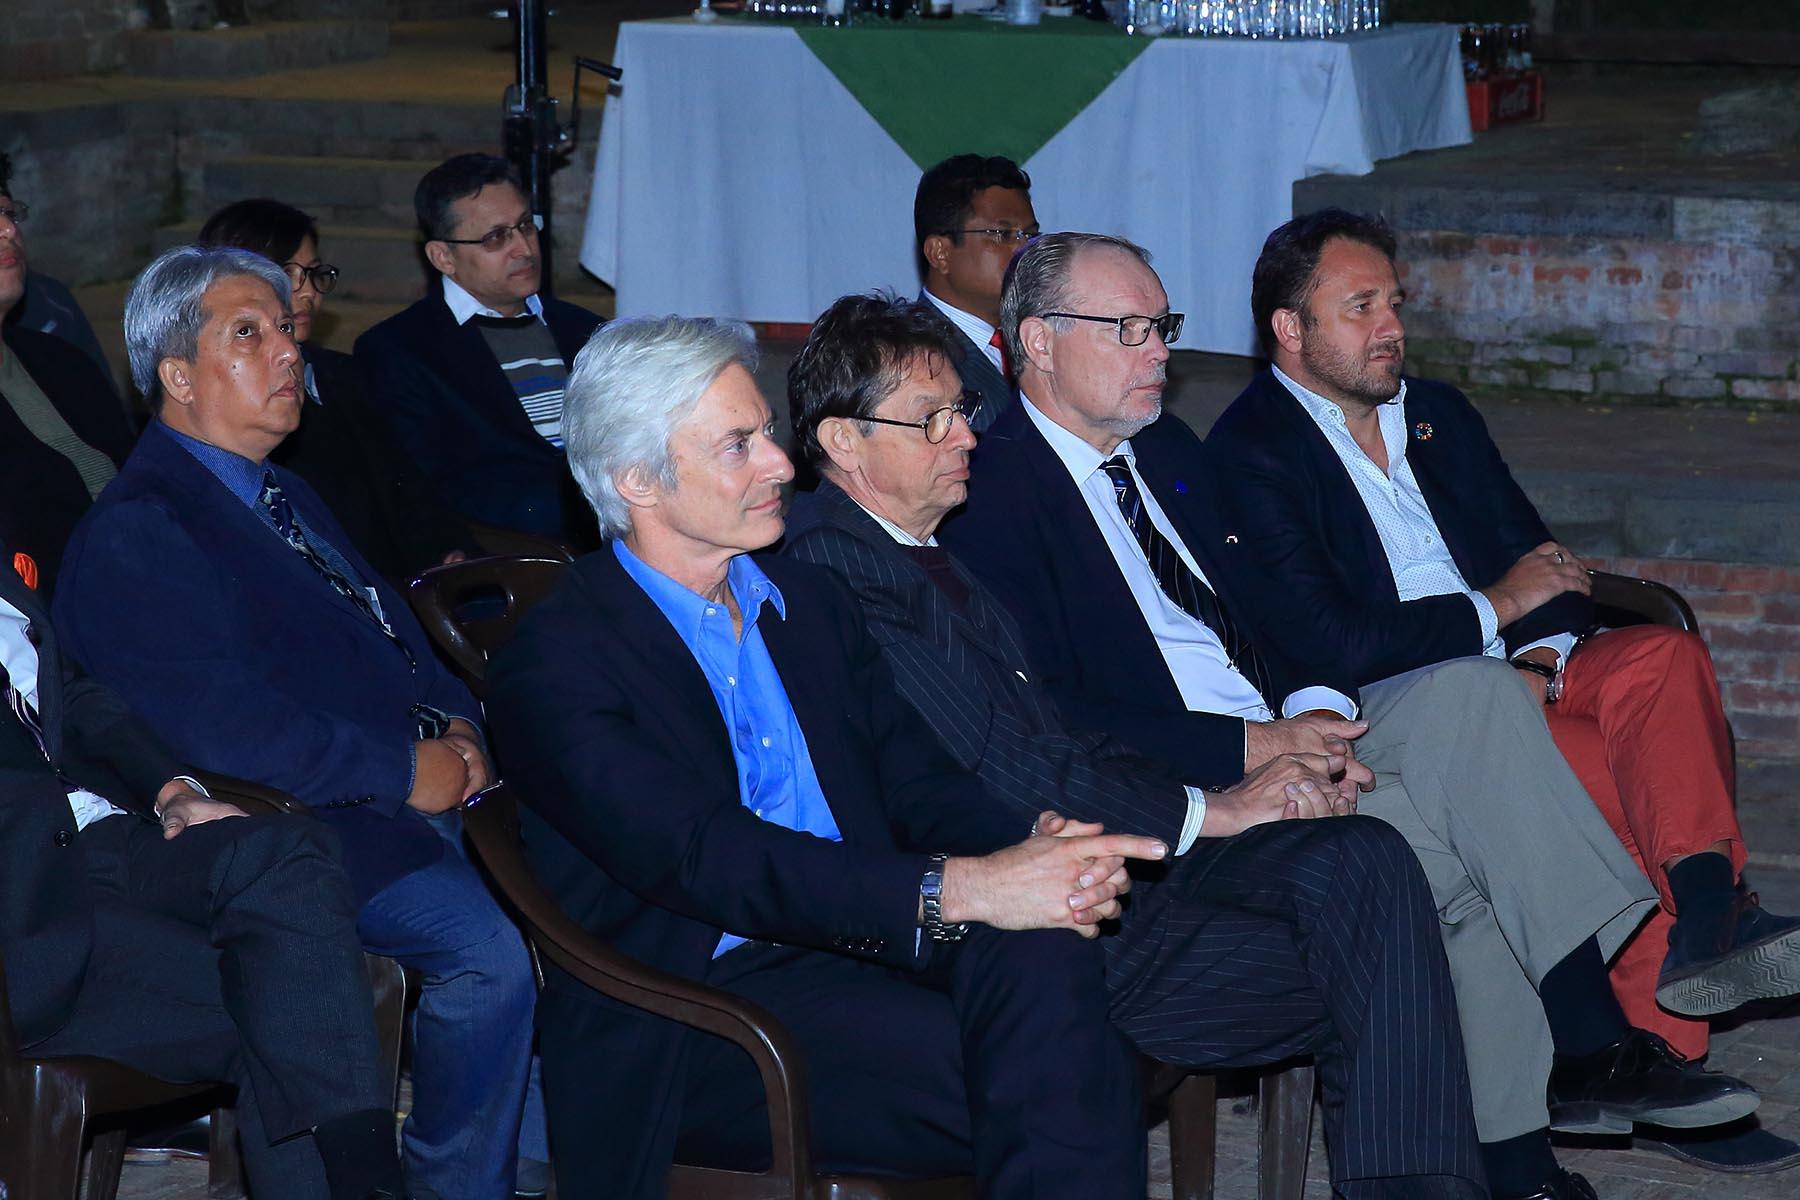 Himalayan-consensus-summit-20171114_MG_0521.JPG